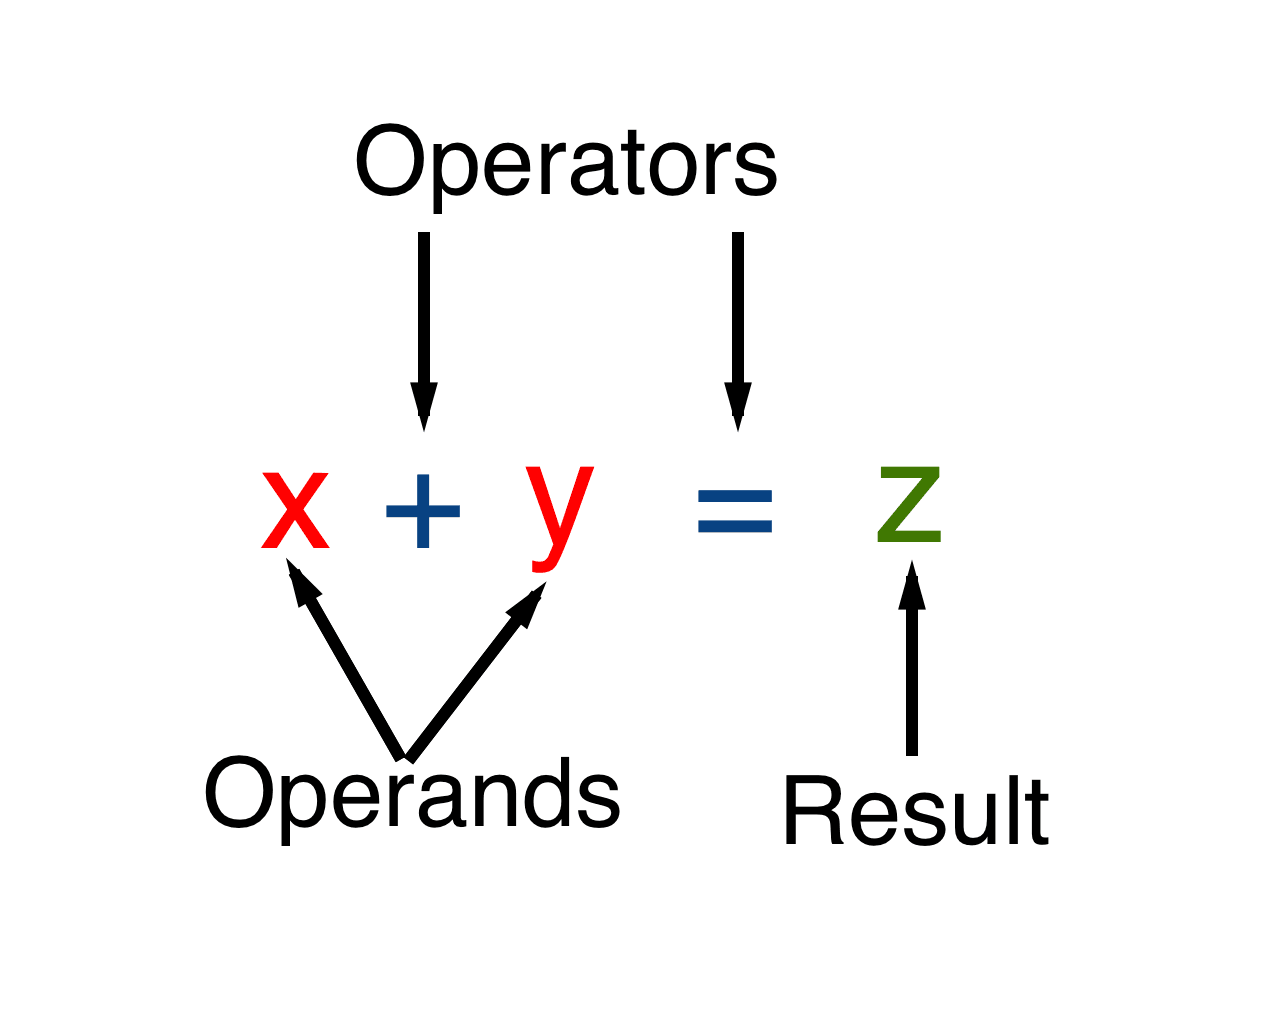 Javascript có đầy đủ các toán tử hỗ trợ tính toán và kết hợp